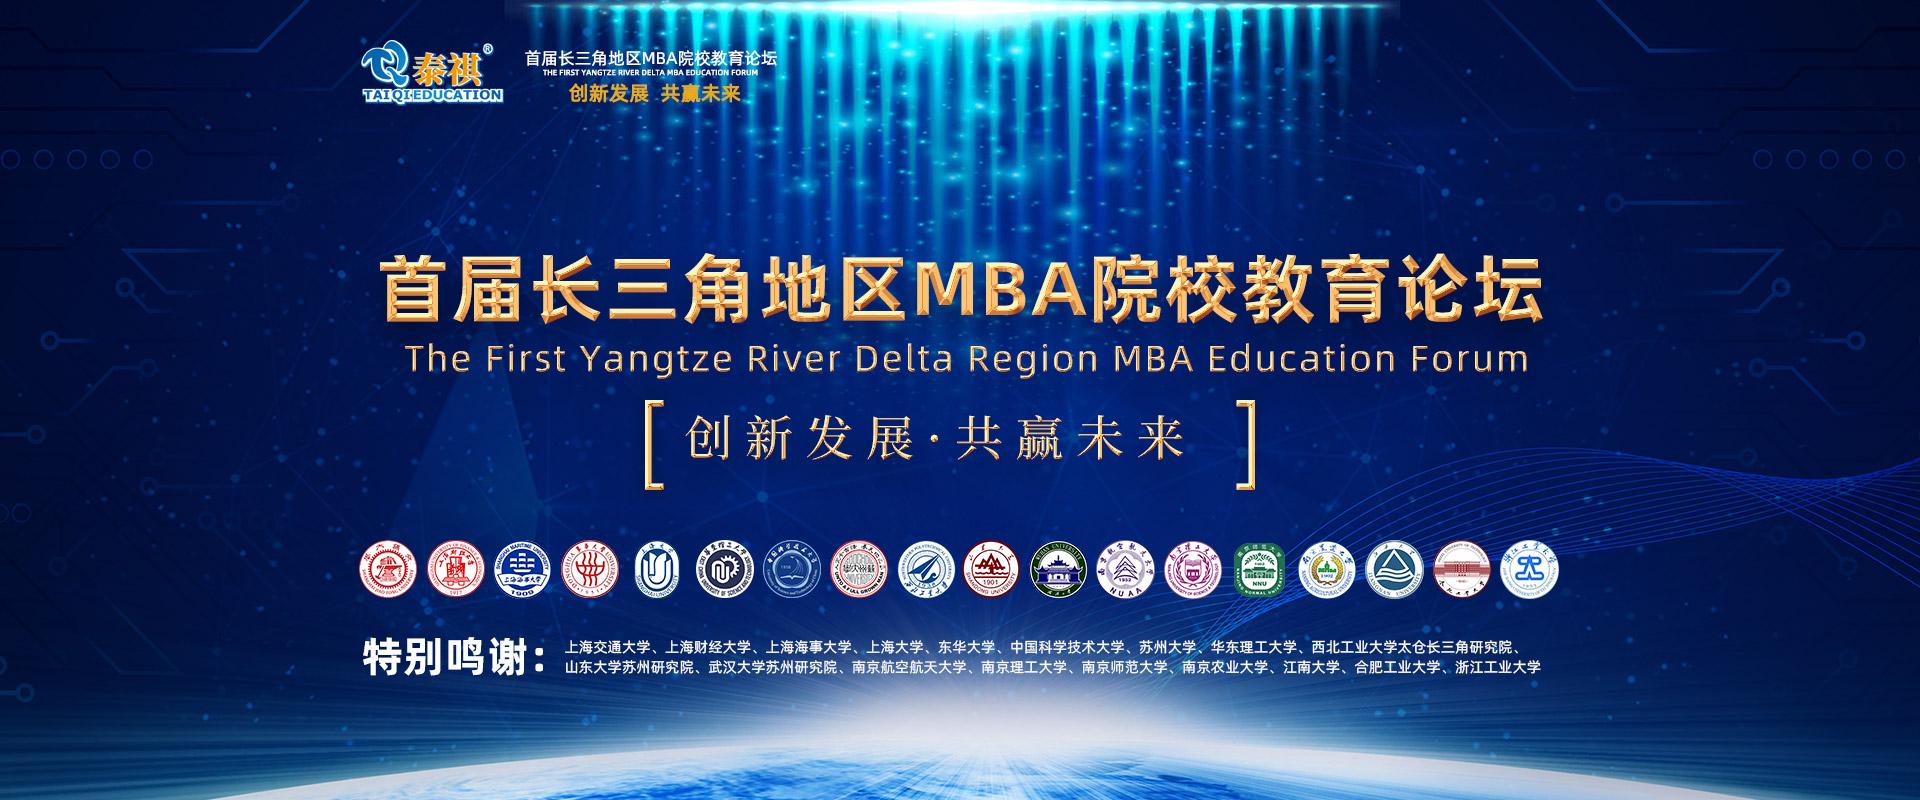 首届长三角地区MBA教育论坛